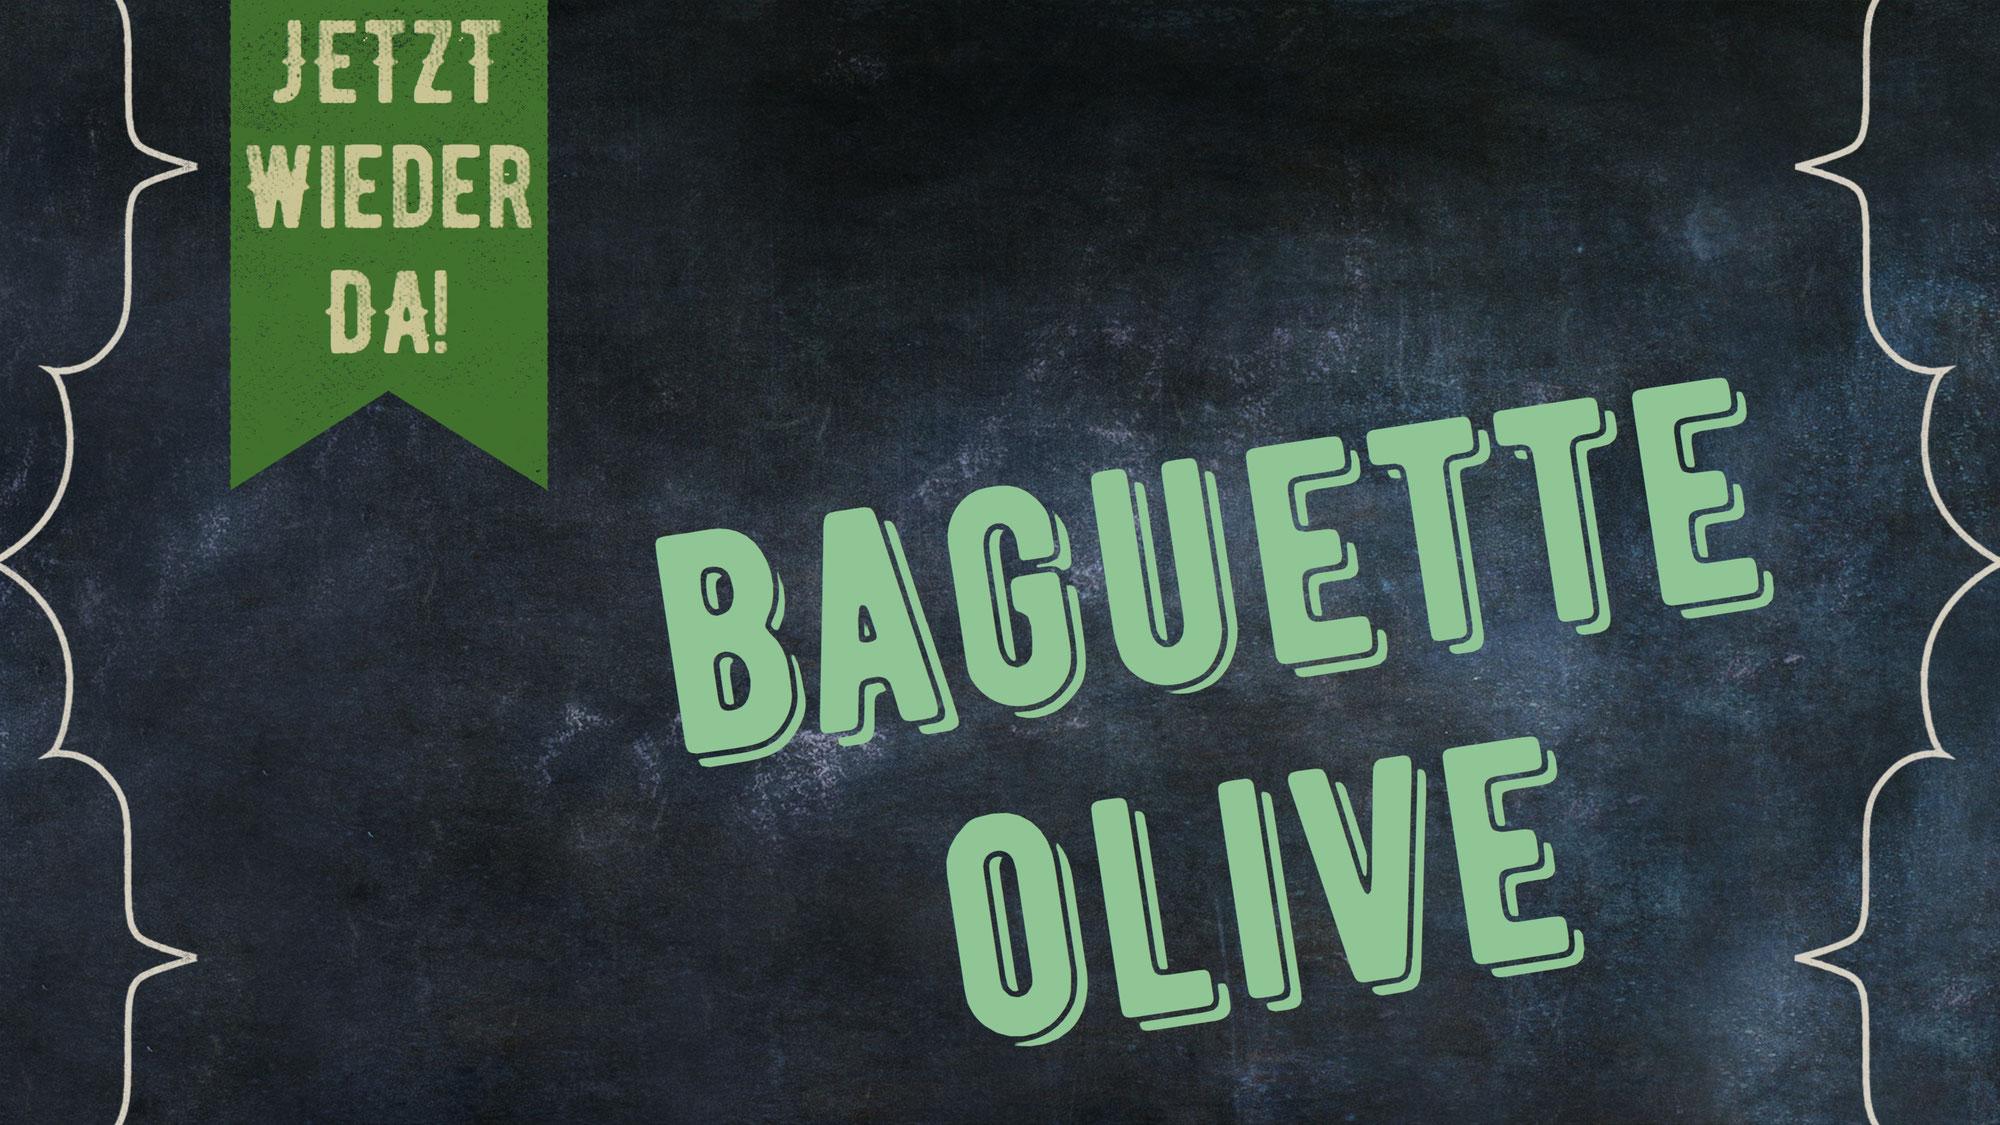 Baguette Olive!